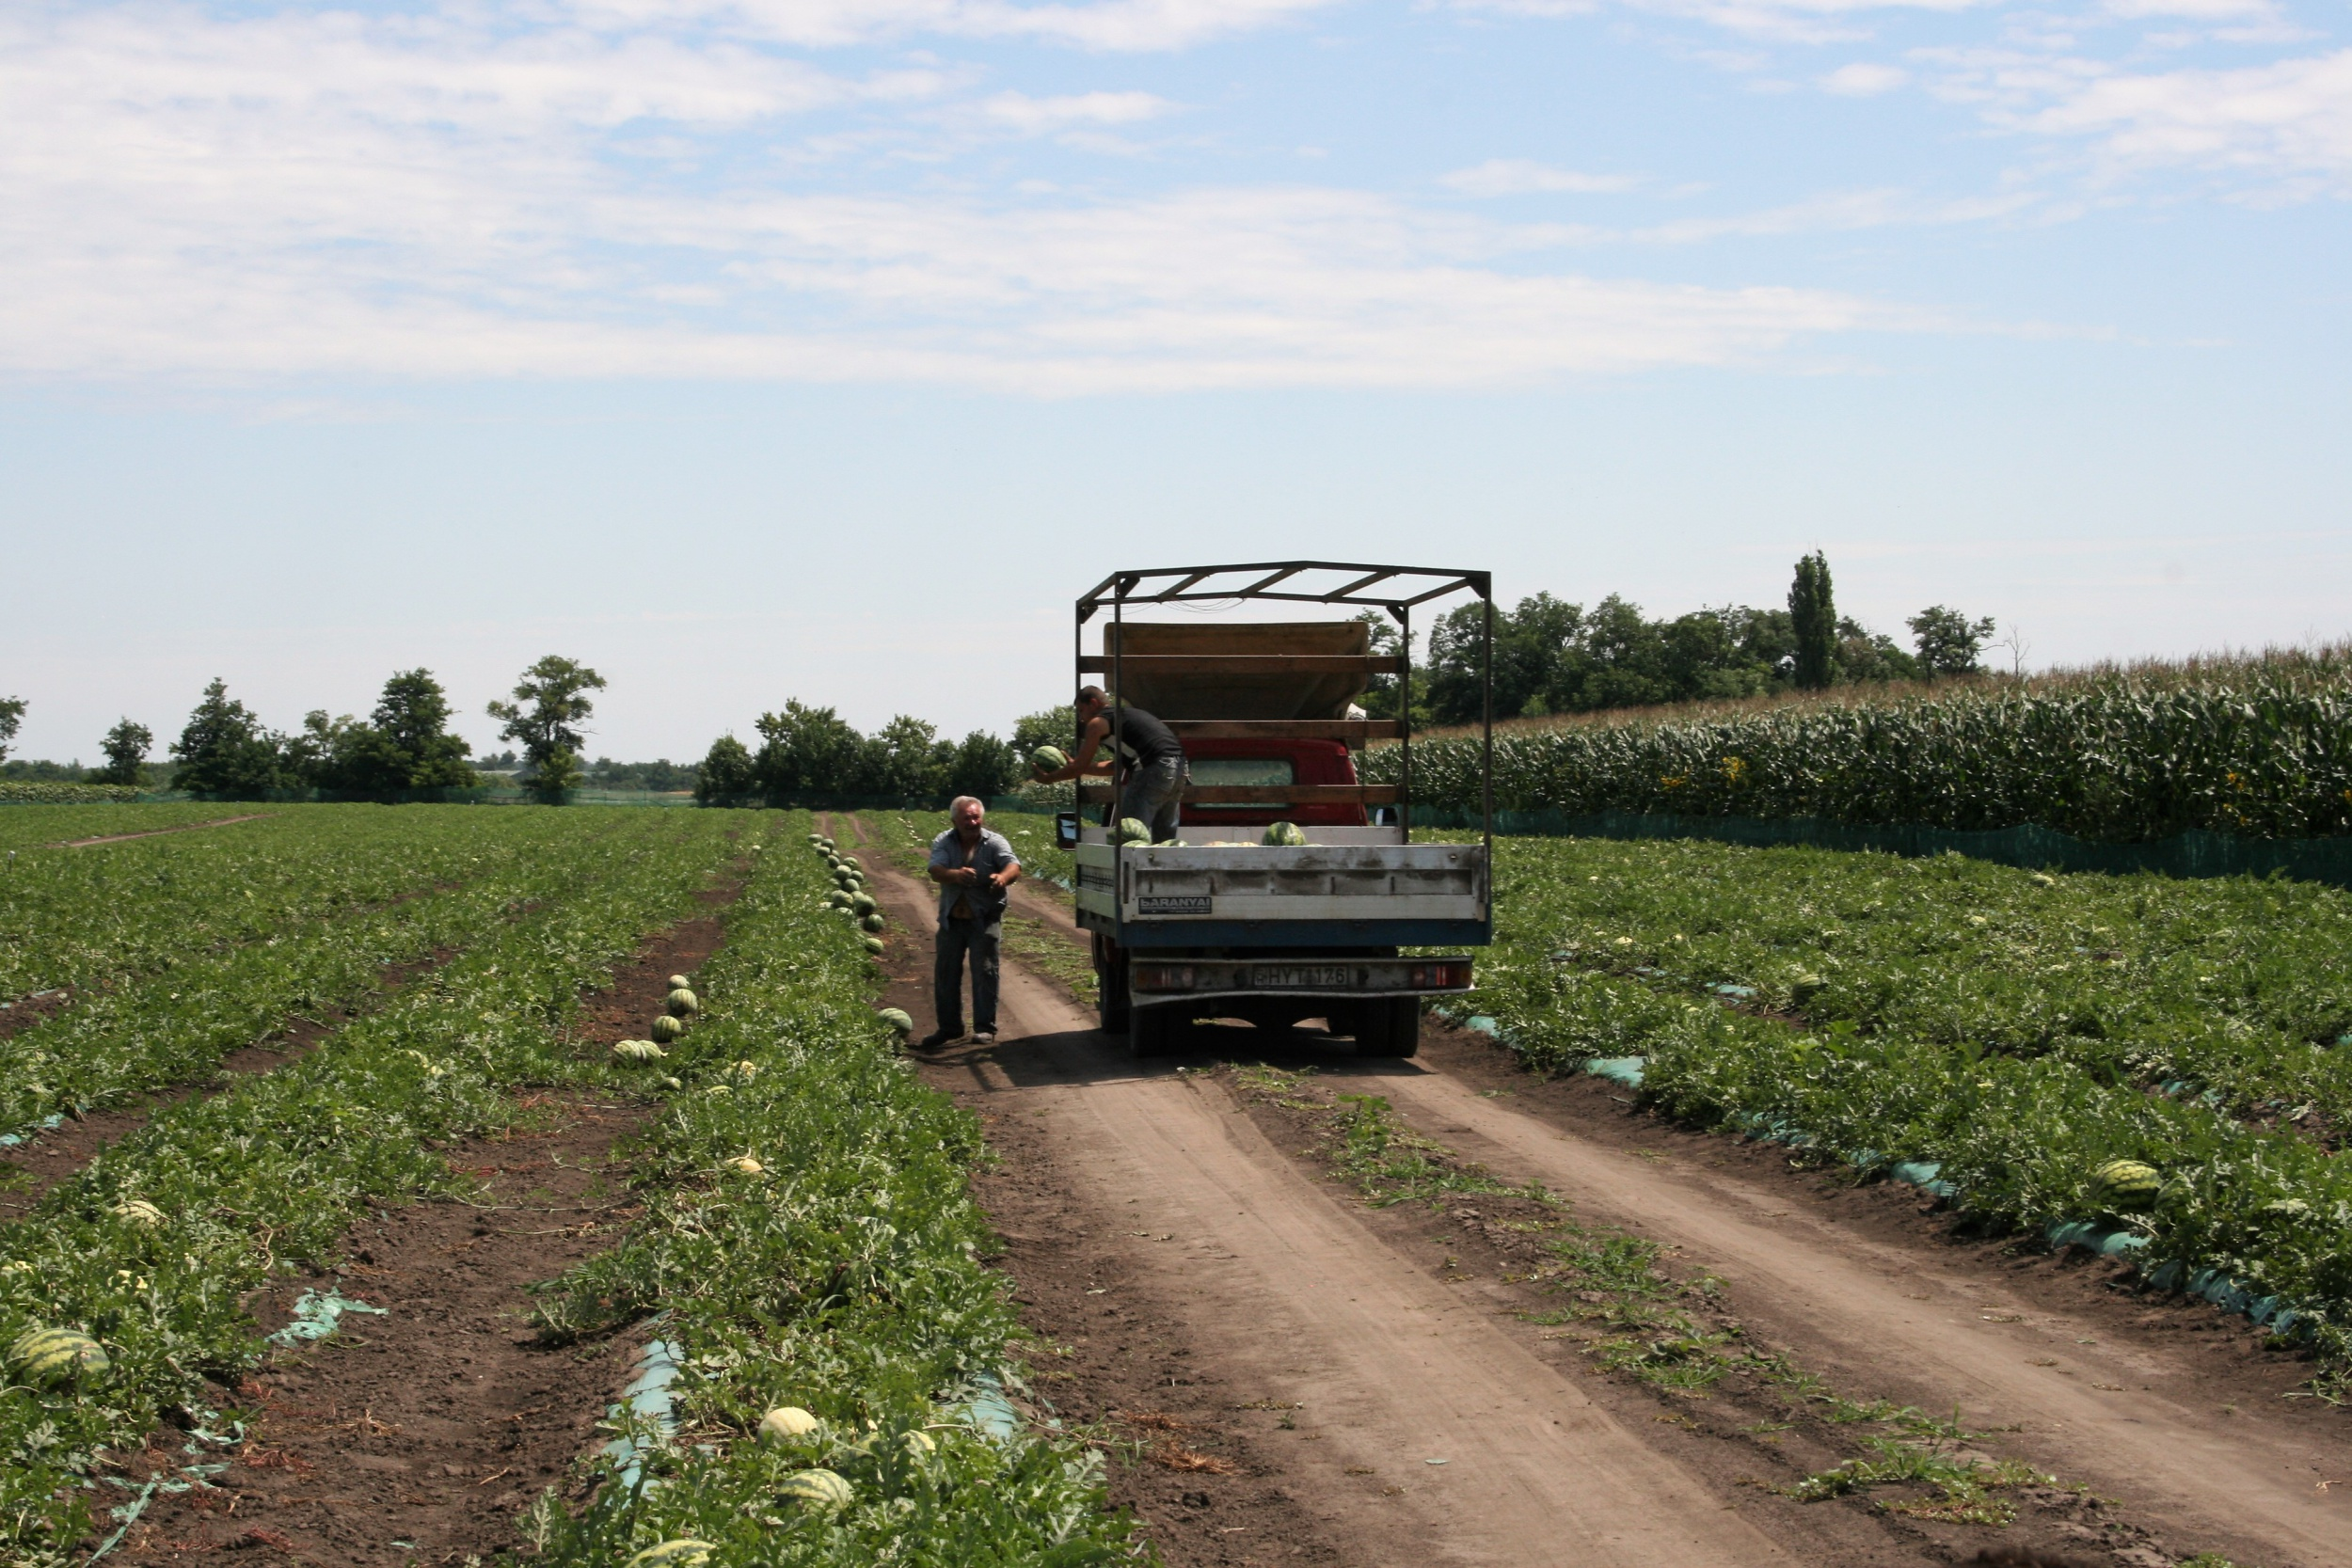 Lesz ember, aki tovább tudja vinni a mezőgazdaság hagyományait? 4